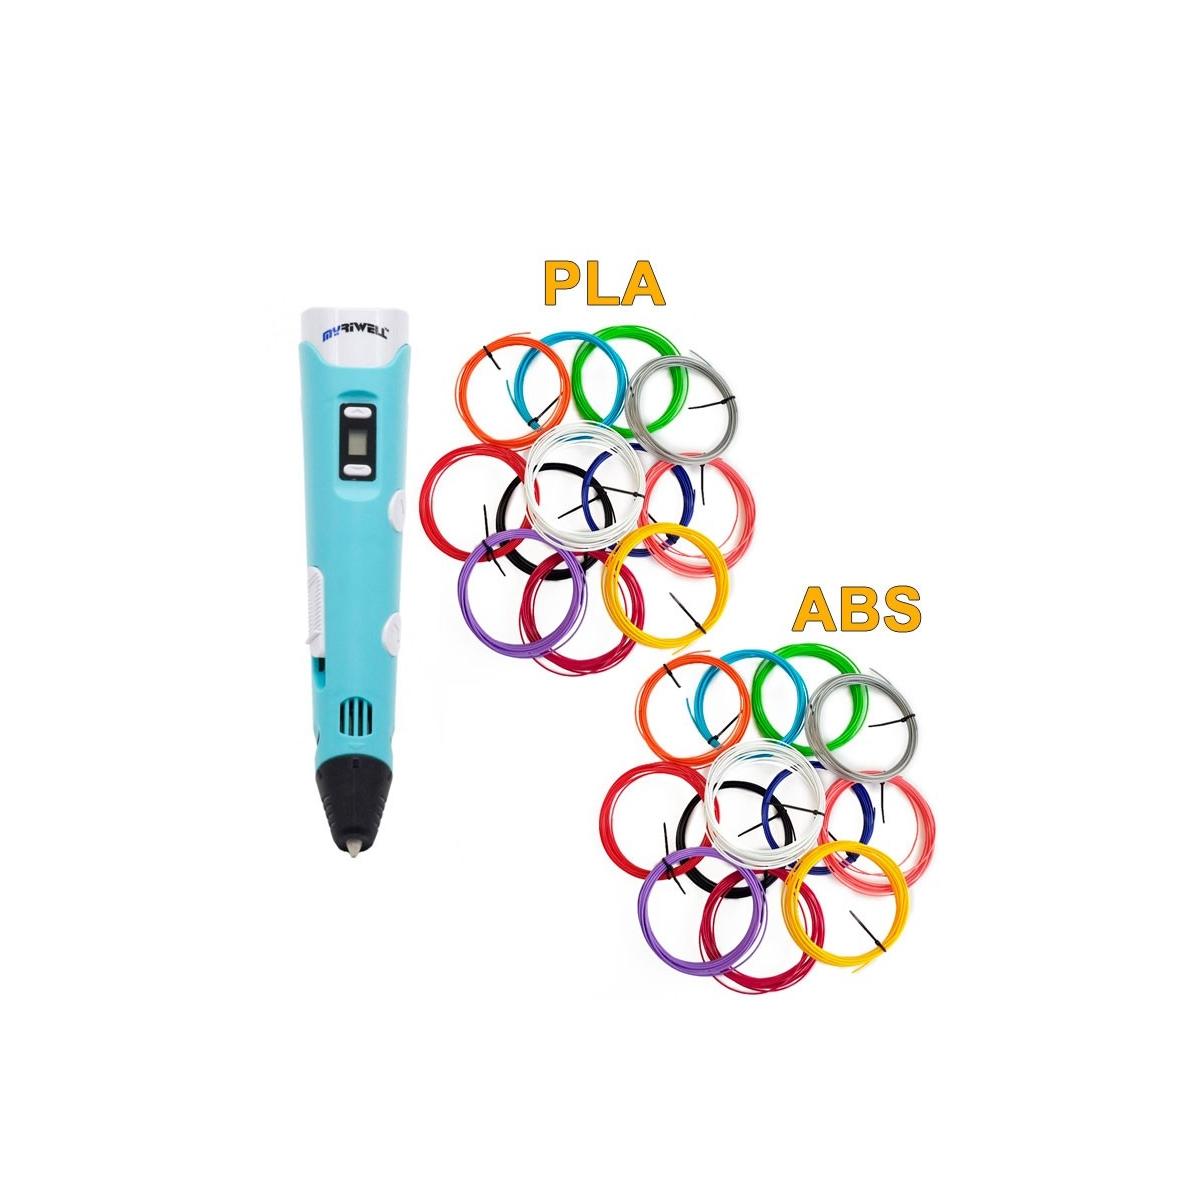 3D-Ручка MyRiwell RP-100B + 120 м (PLA + ABS по 12 кольорів). Набір MEGA